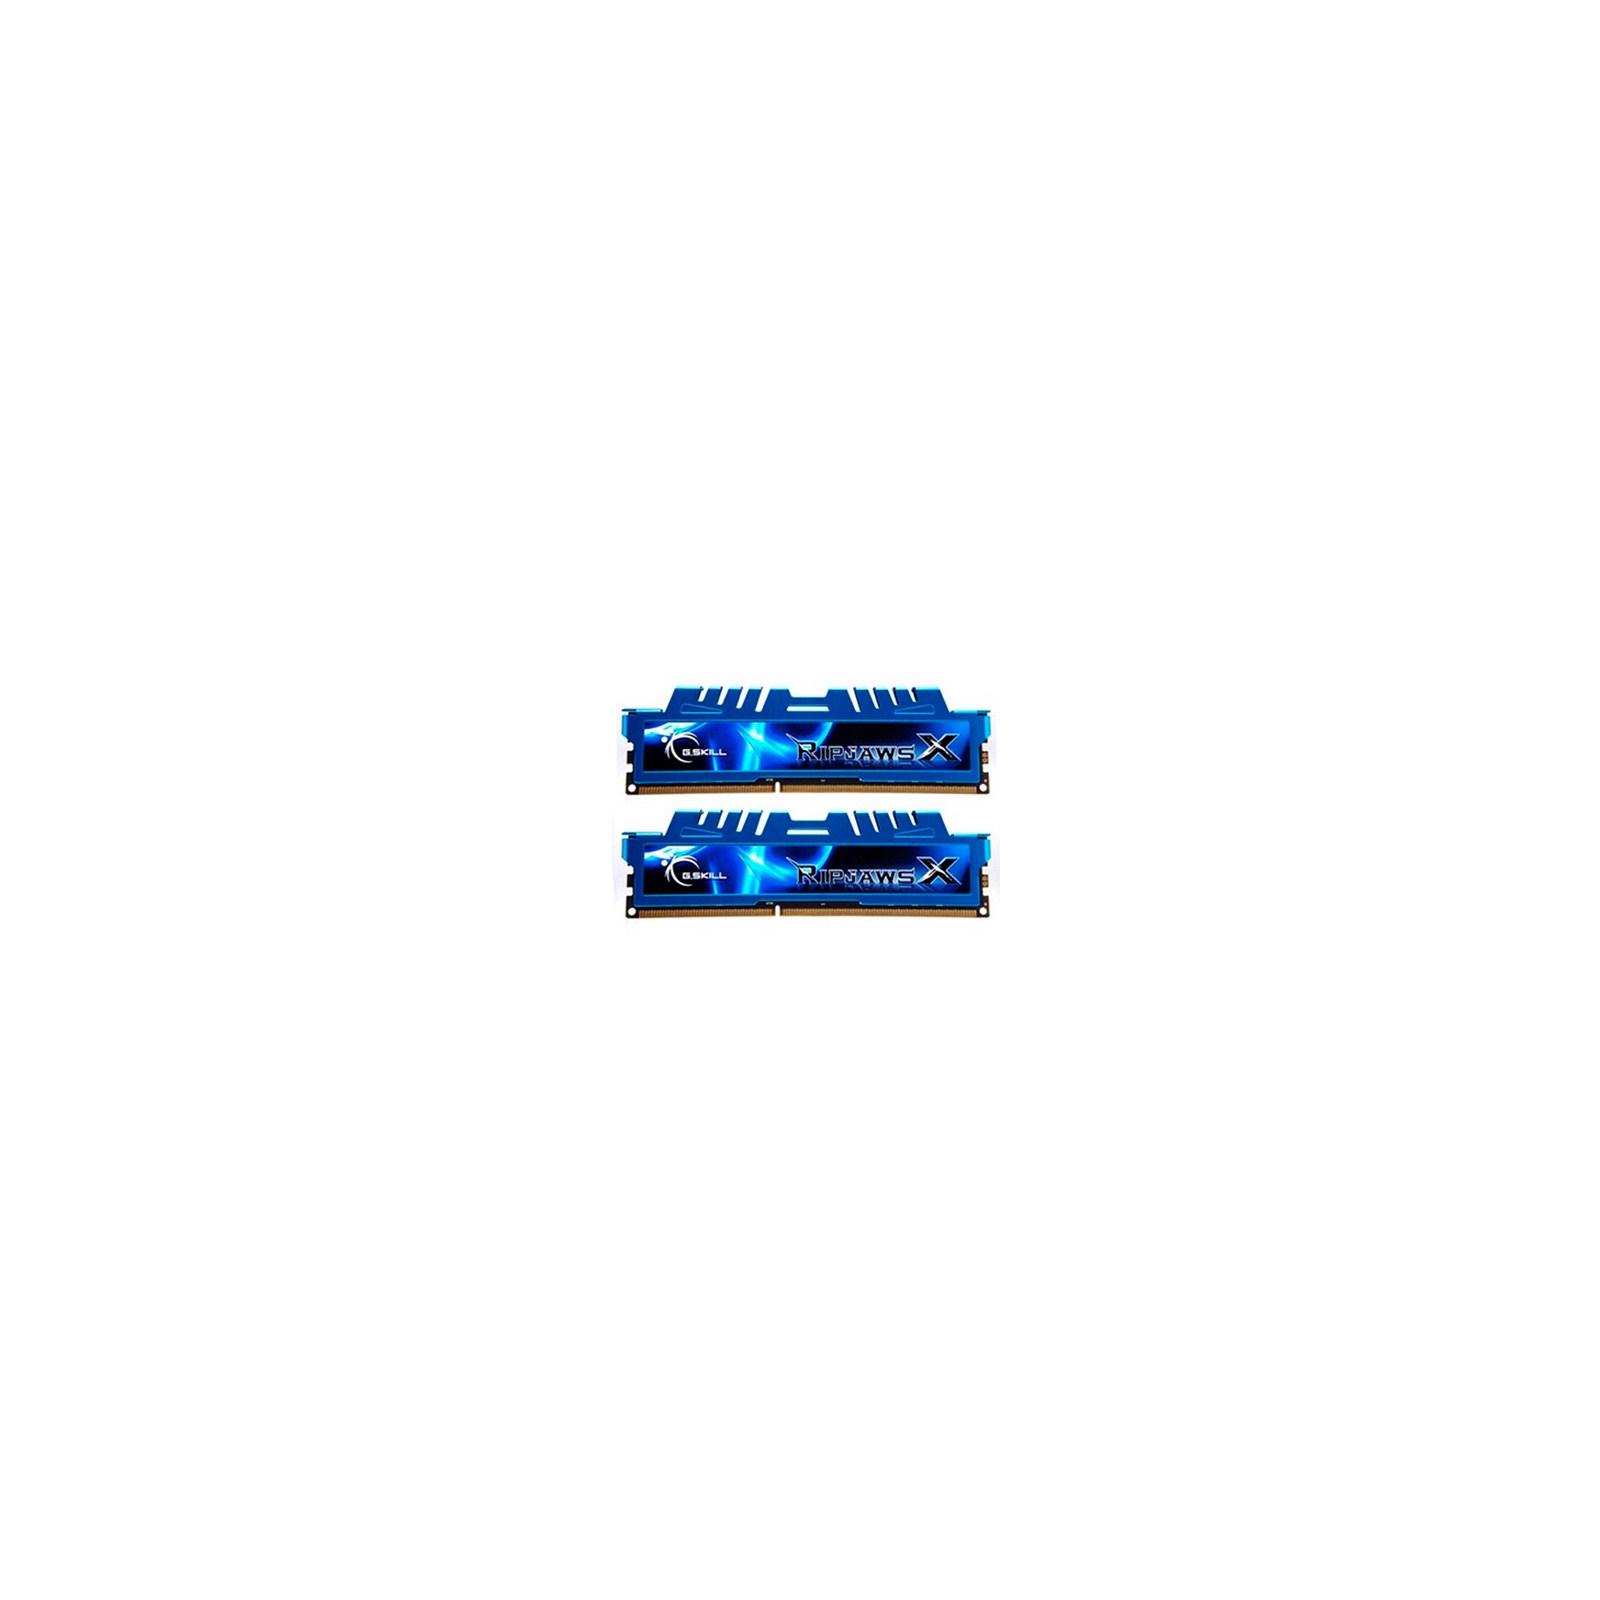 Модуль памяти для компьютера DDR3 16GB (2x8GB) 1866 MHz G.Skill (F3-1866C9D-16GXM)